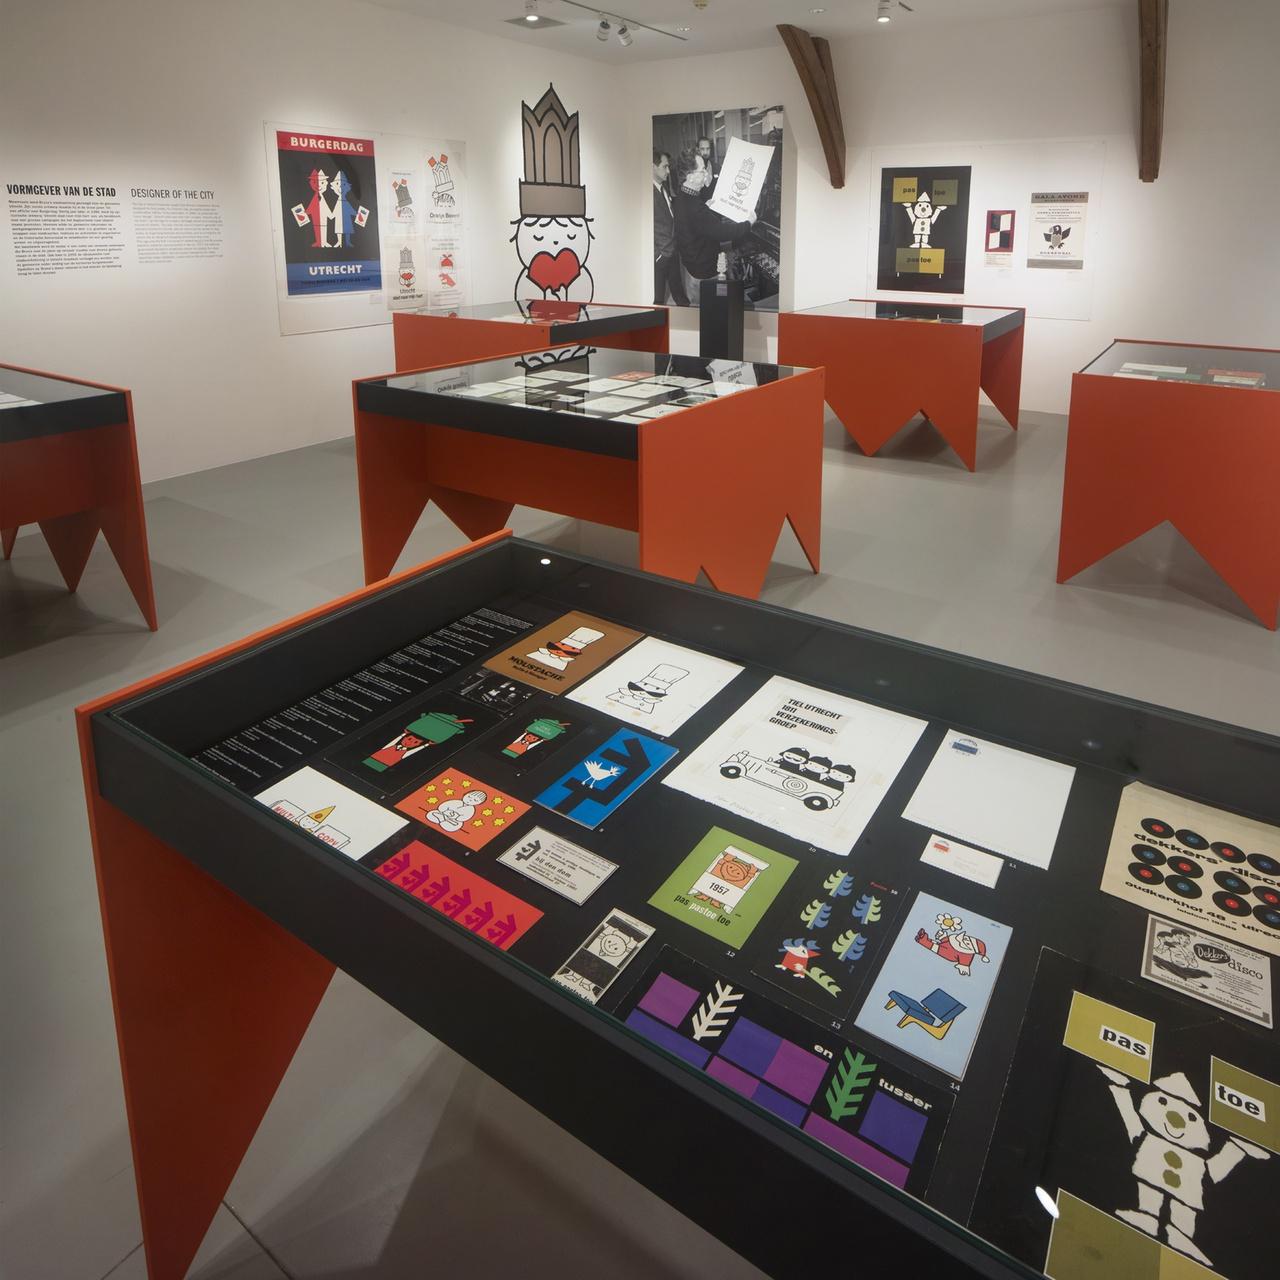 3/6 - Bruna's ontwerp 'Utrecht stad naar mijn hart' was aanleiding voor een tentoonstelling in 2019.